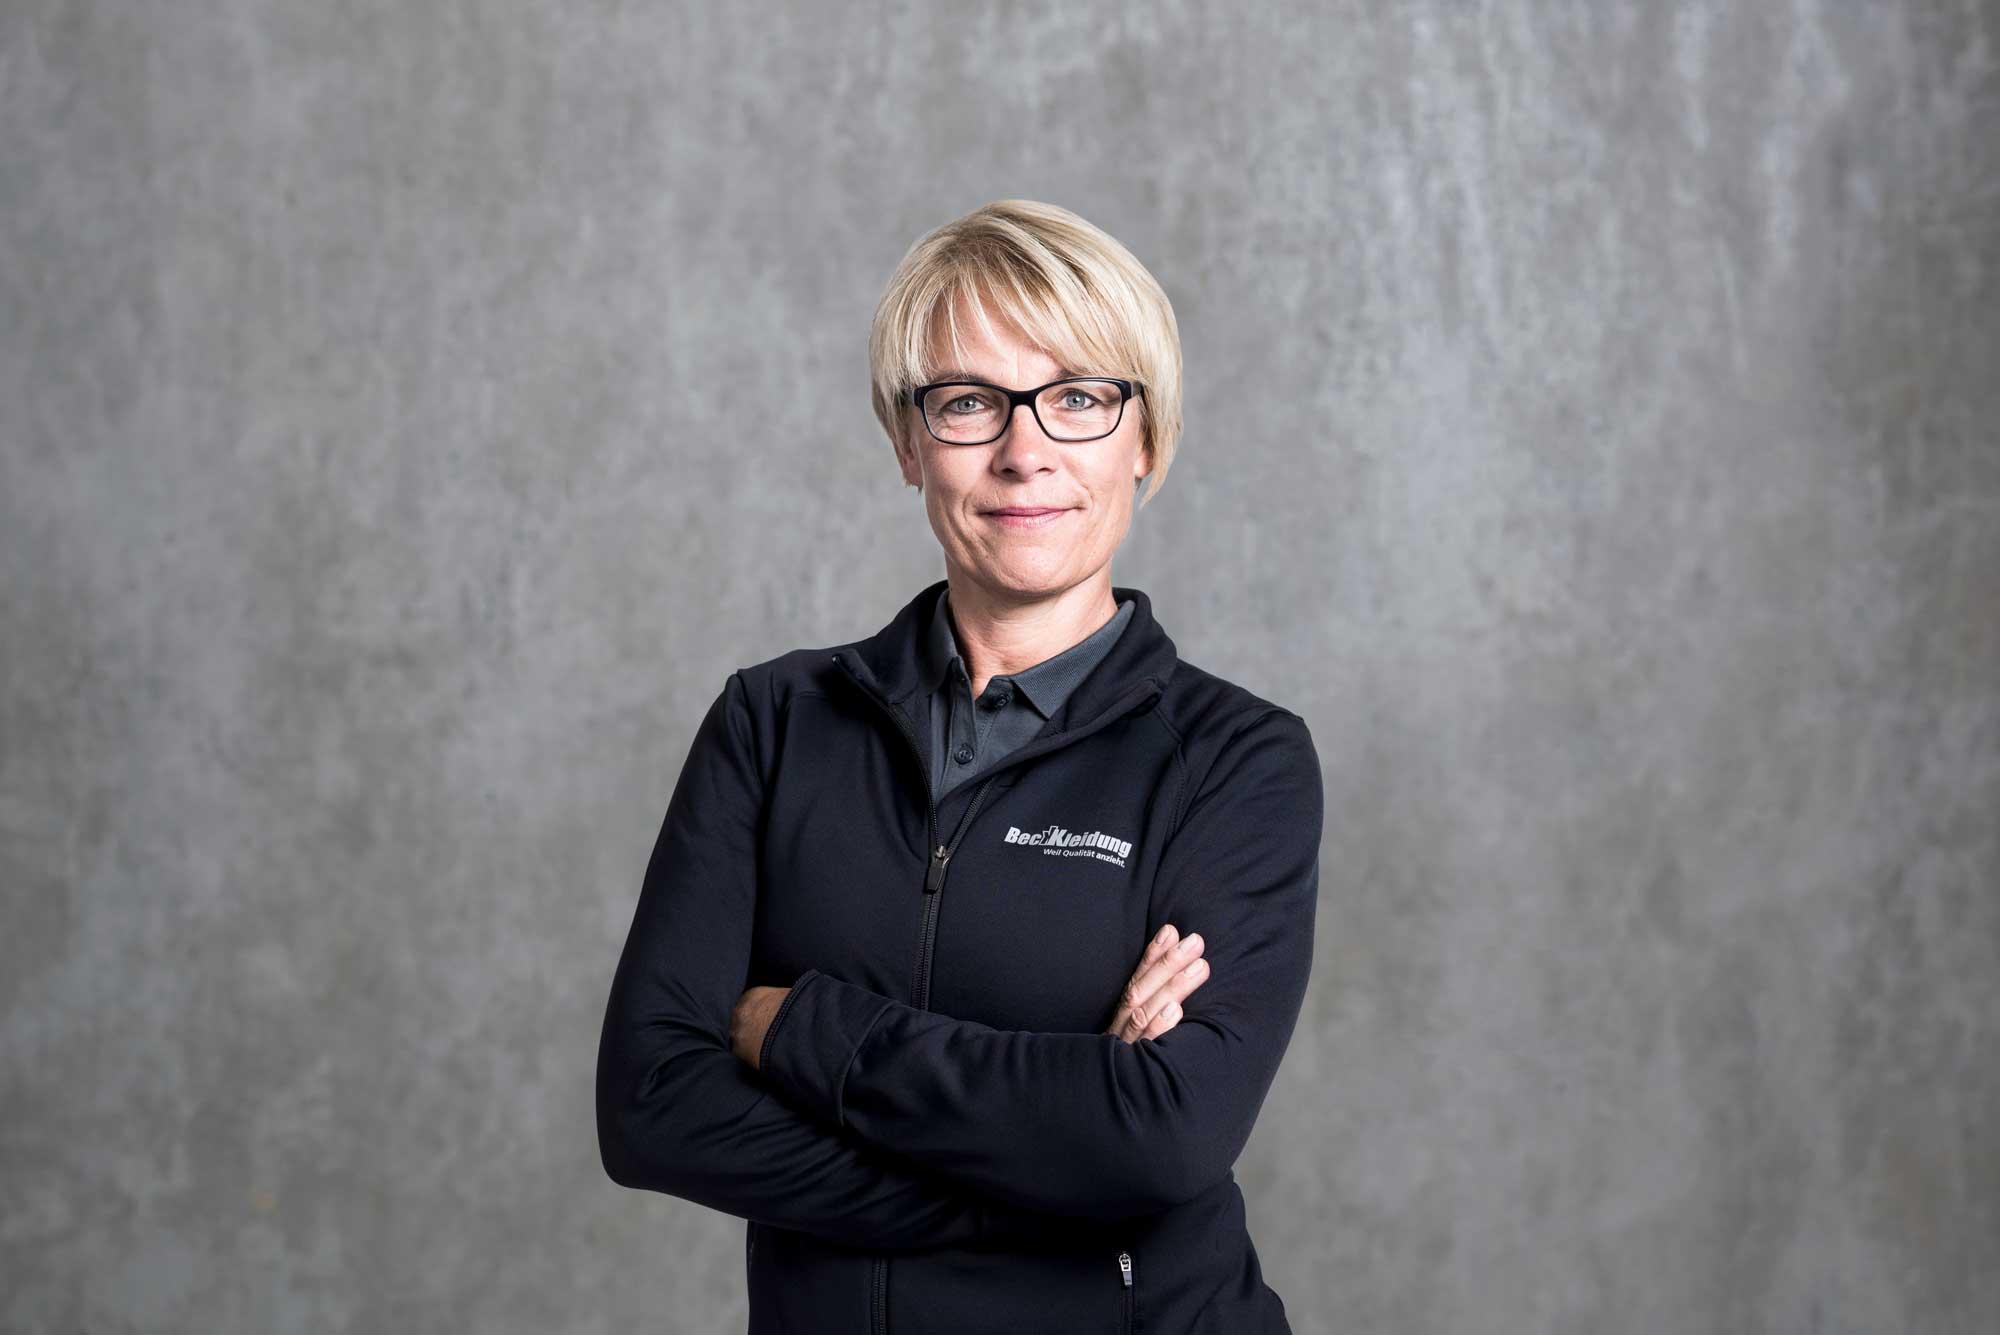 Susanne von Gunten